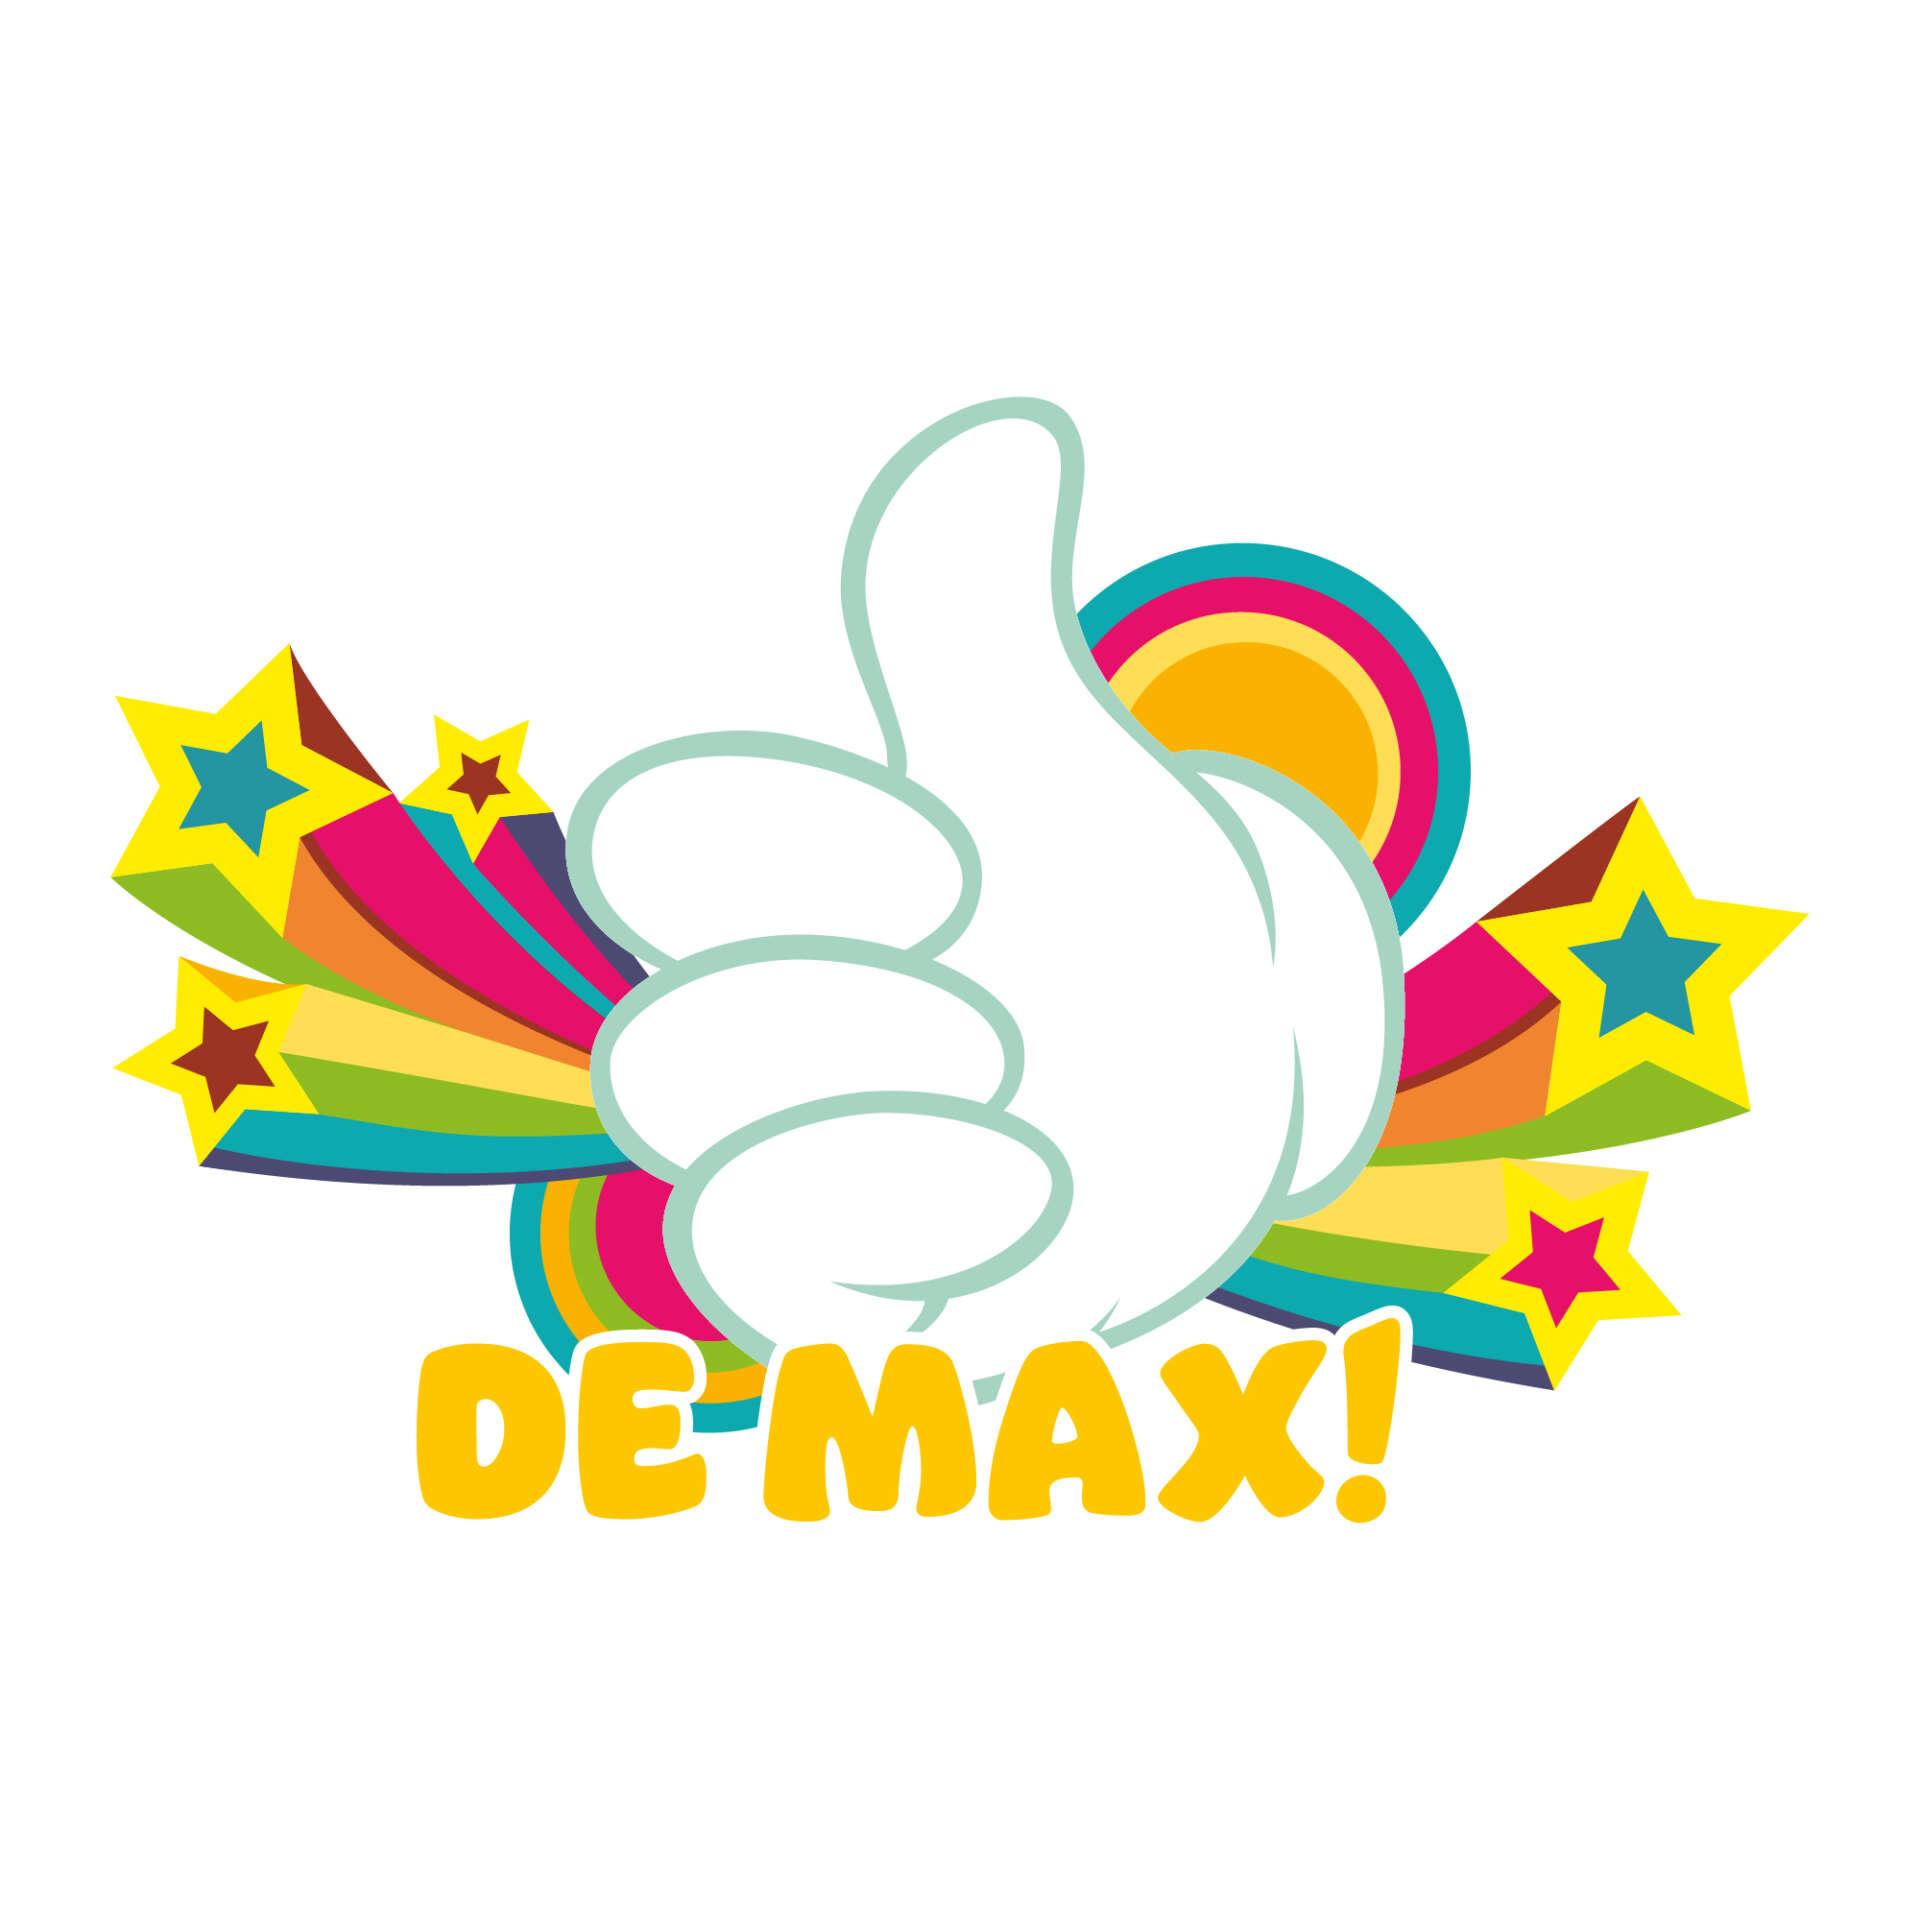 De Max